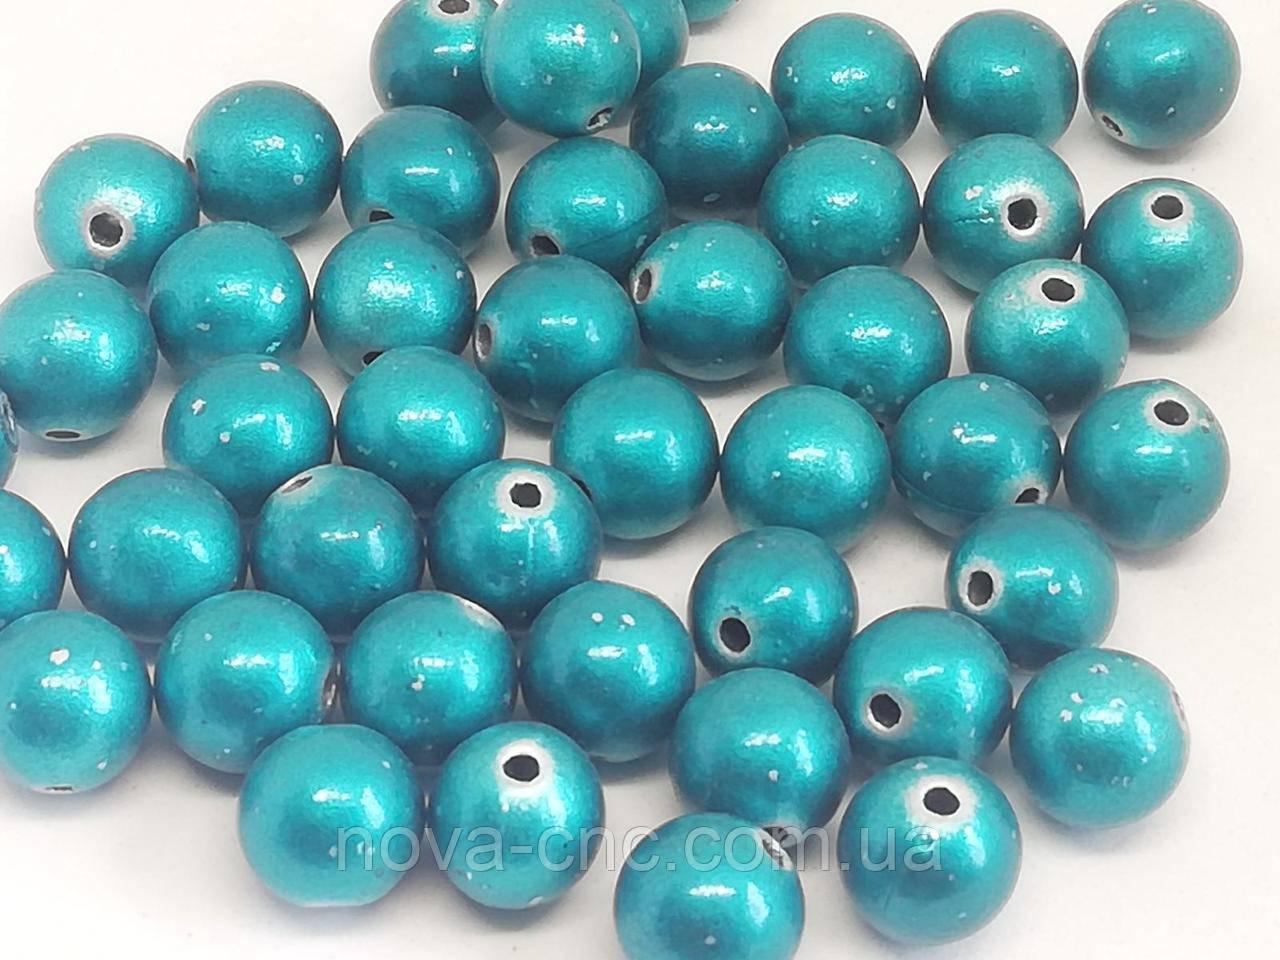 """Намистини пластик """"Куля гладкий""""яскраво-блакитний 9 мм 500 грам"""